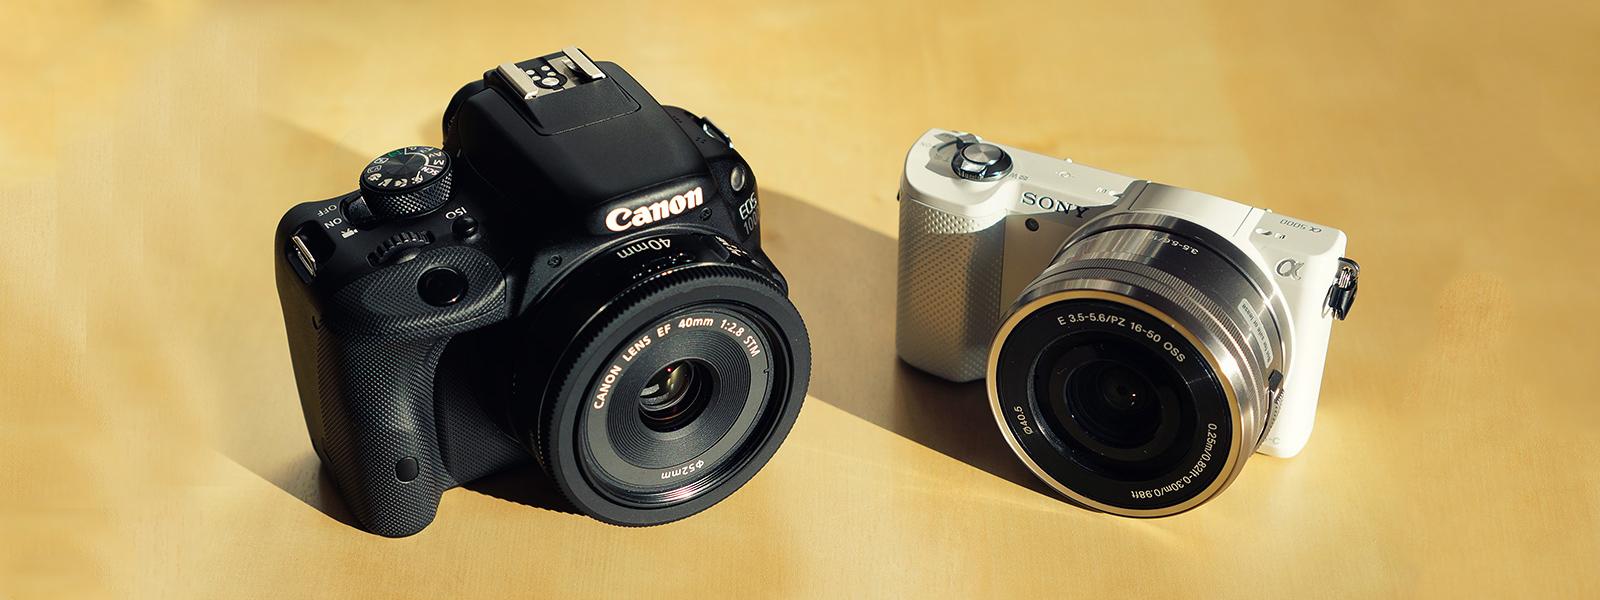 Lustrzanka kontra bezlusterkowiec, czyli wszystko co musisz wiedzieć przy wyborze aparatu